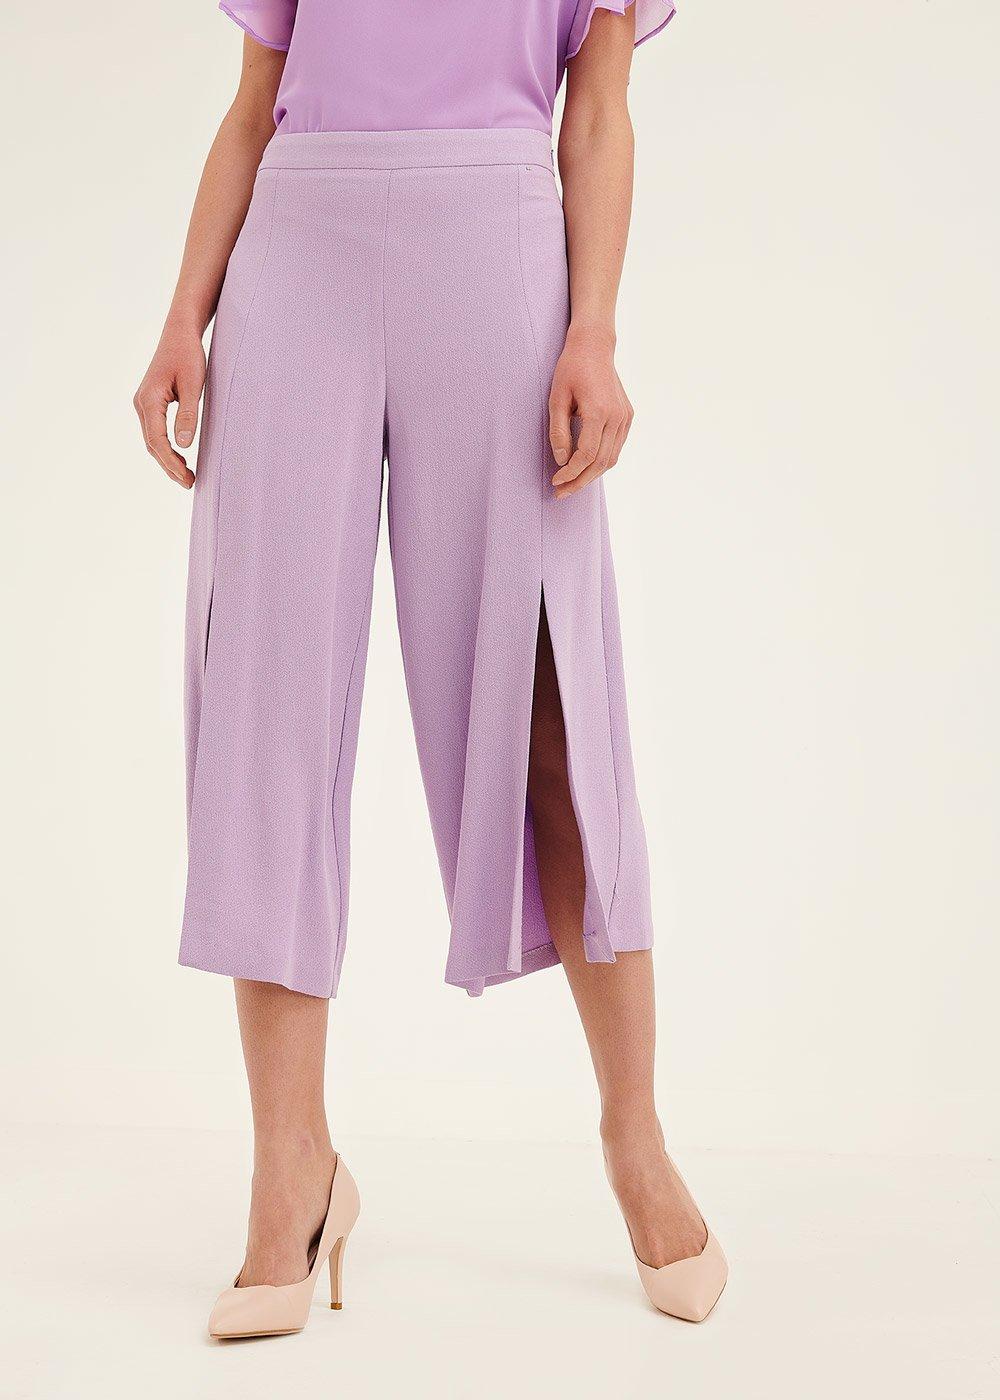 Pantalone palazzo Patric corto - Bouganville - Donna